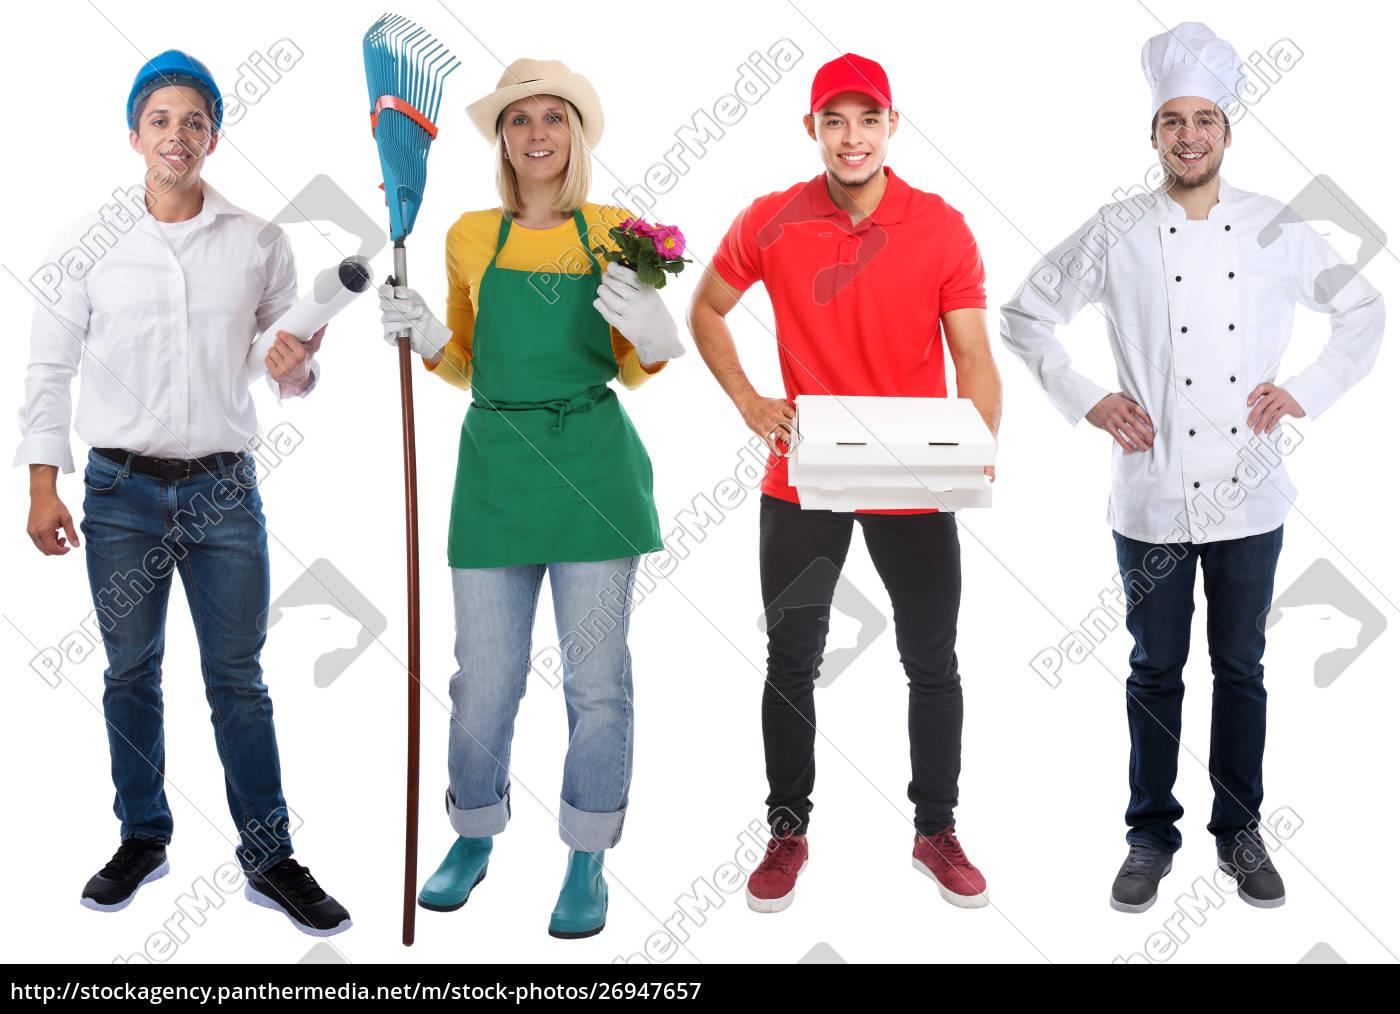 ausbildungsberuf, junge, menschen, berufe, business, vollkörper-porträt - 26947657